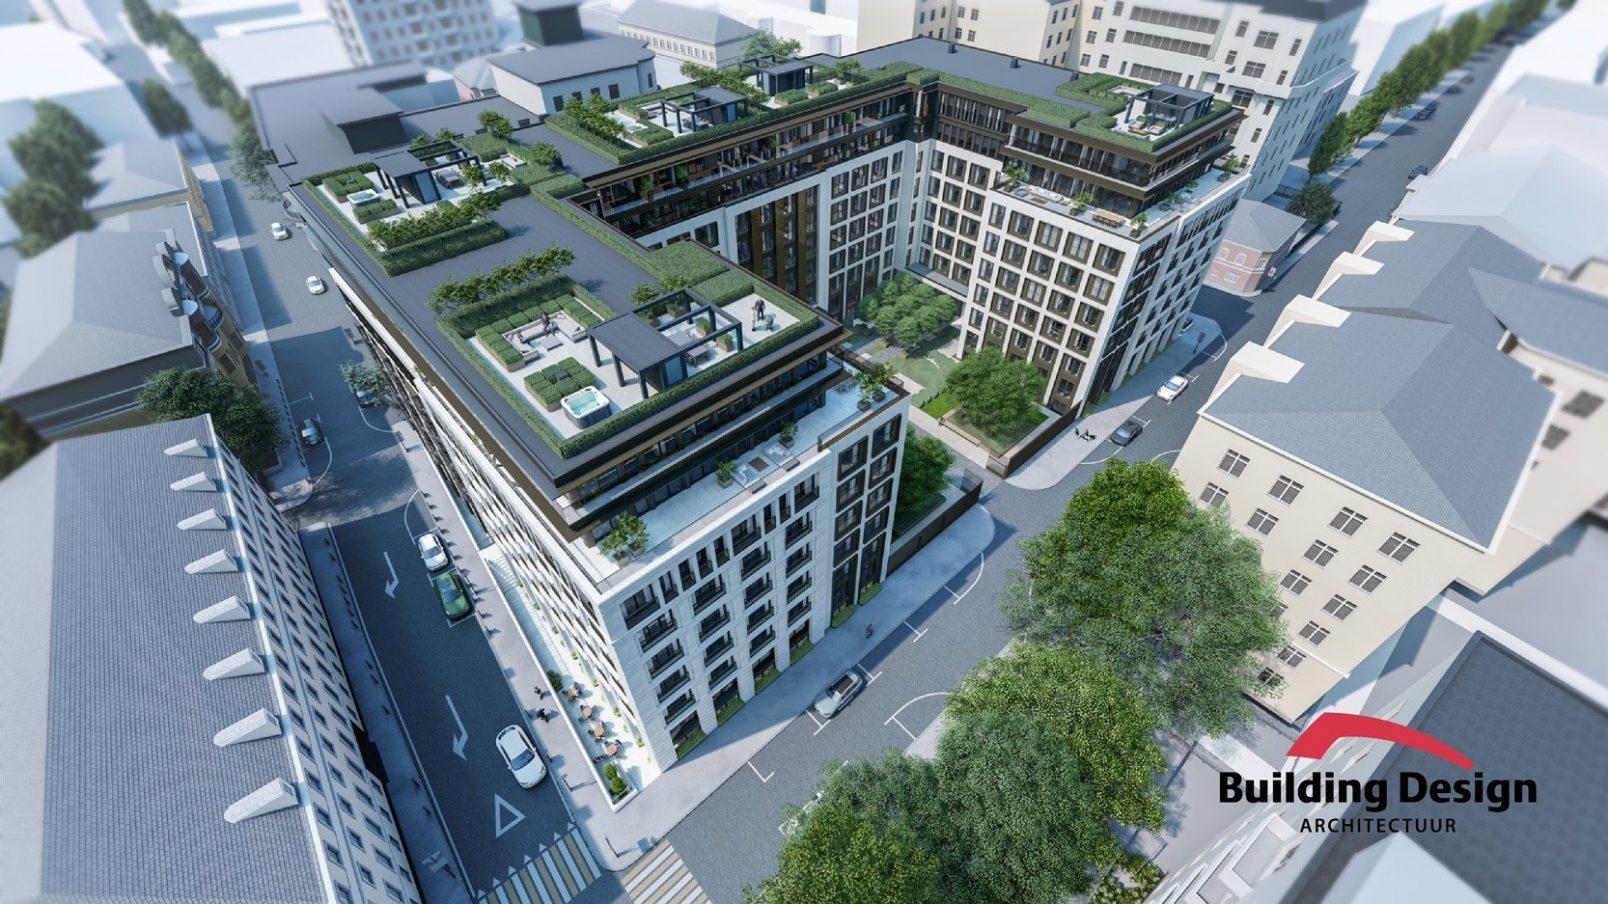 Project Moskou - Building Design Architectuur